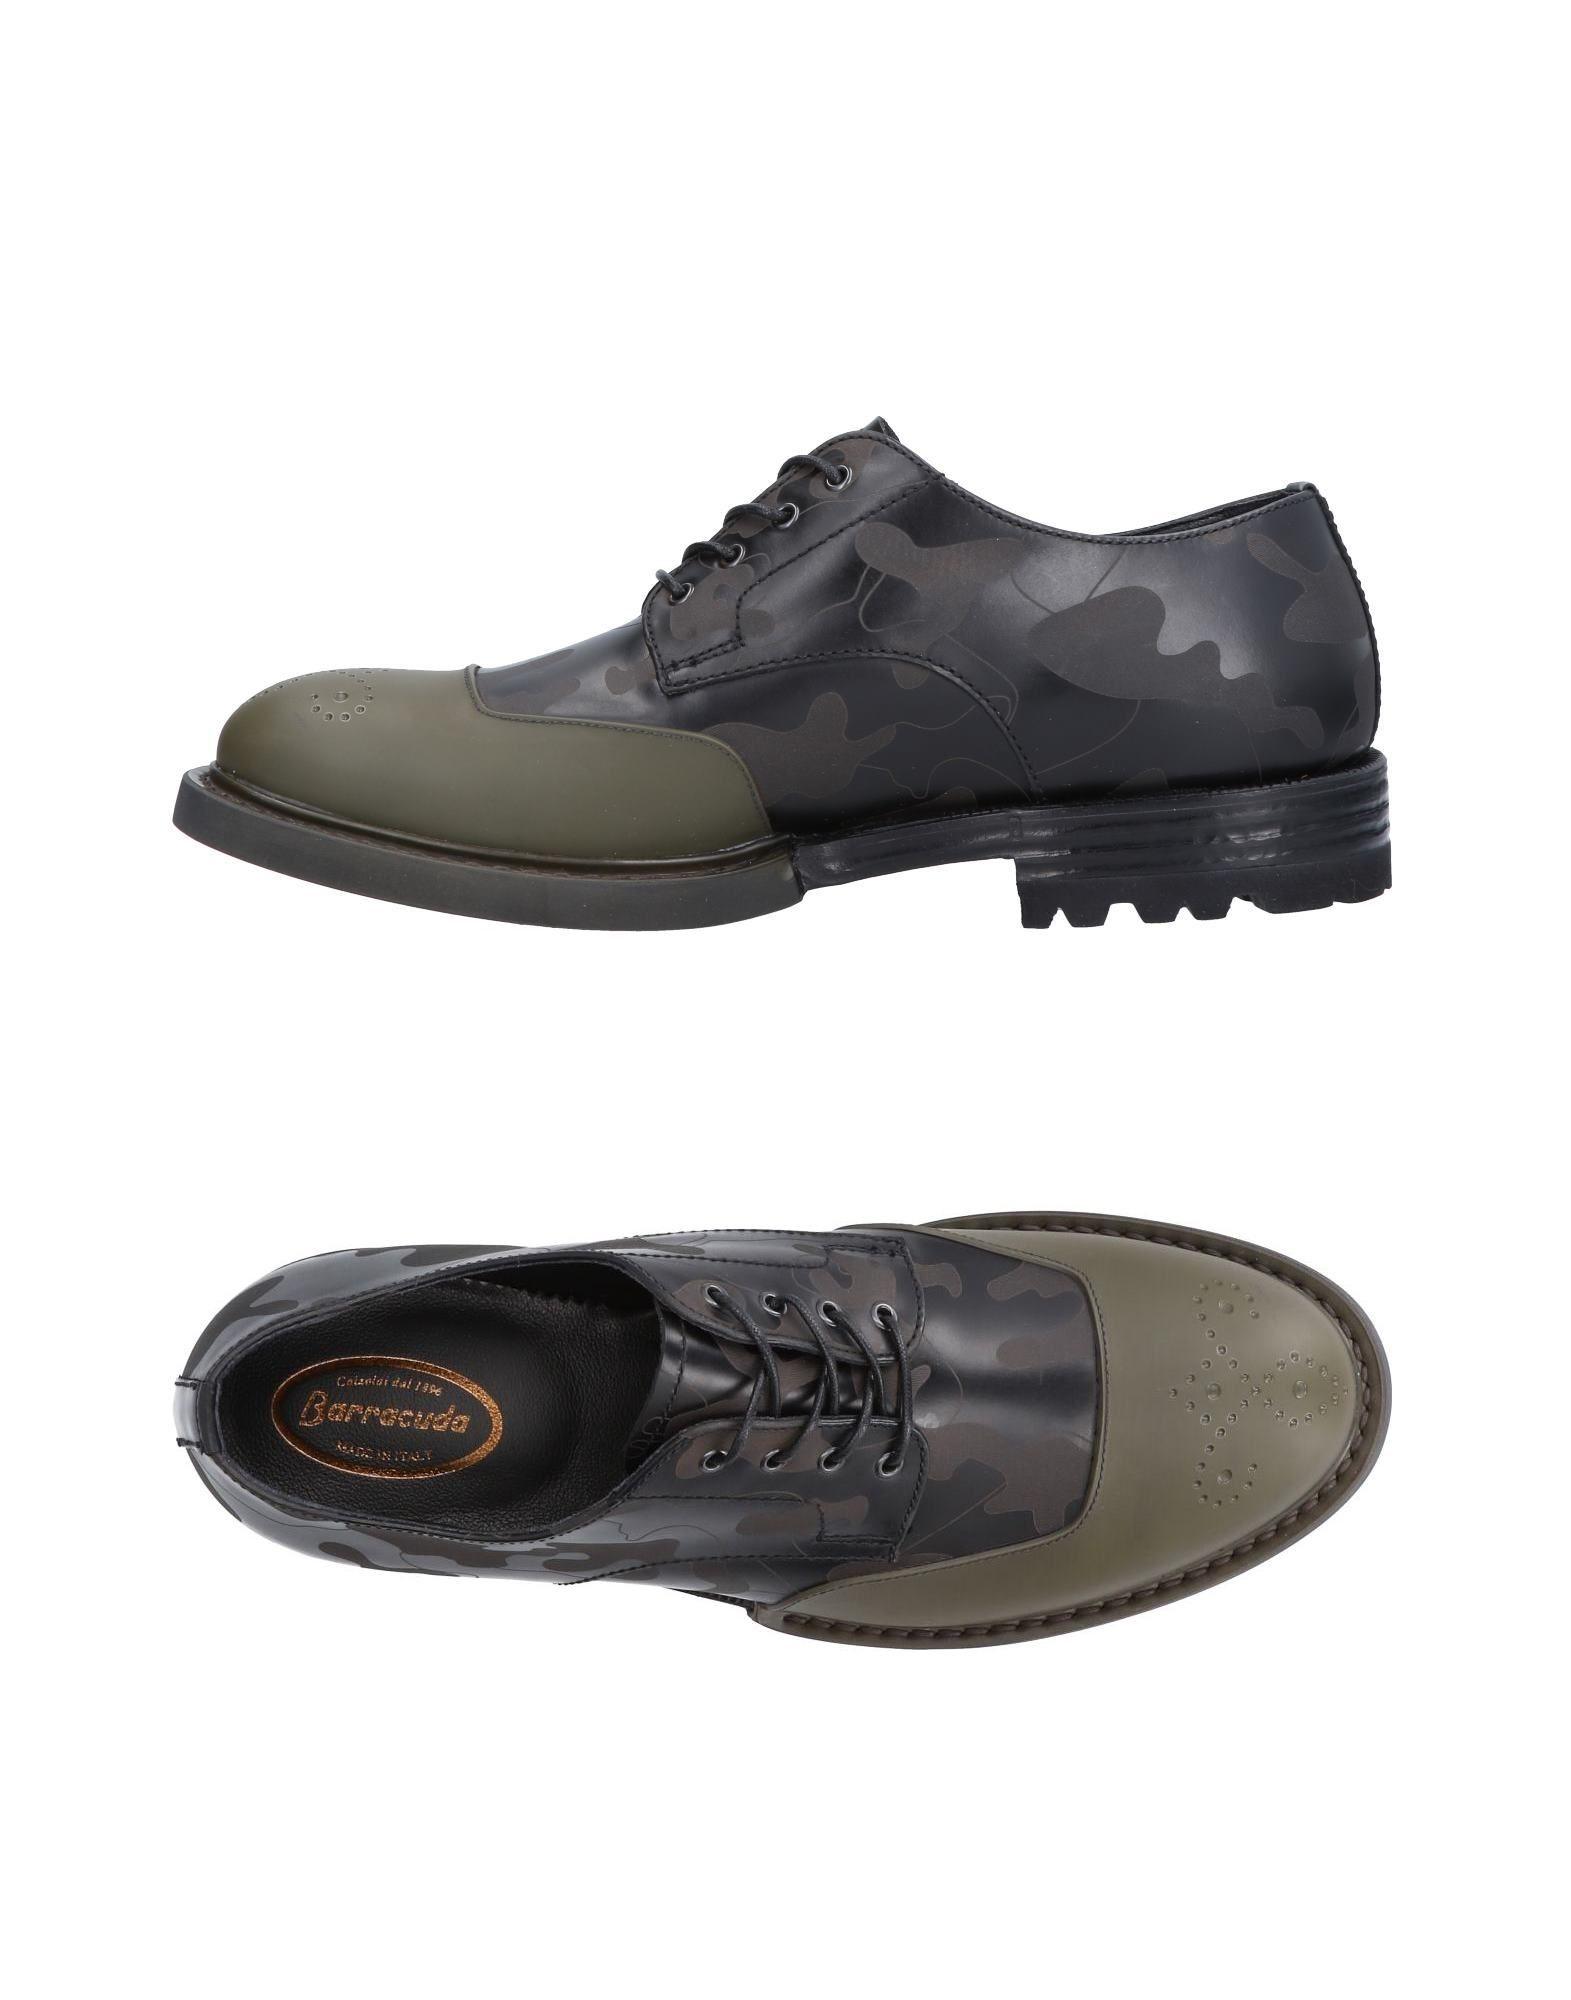 Nuevos zapatos para hombres descuento y mujeres, descuento hombres por tiempo limitado  Zapato De Cordones Barracuda Hombre - Zapatos De Cordones Barracuda 4e2d0c